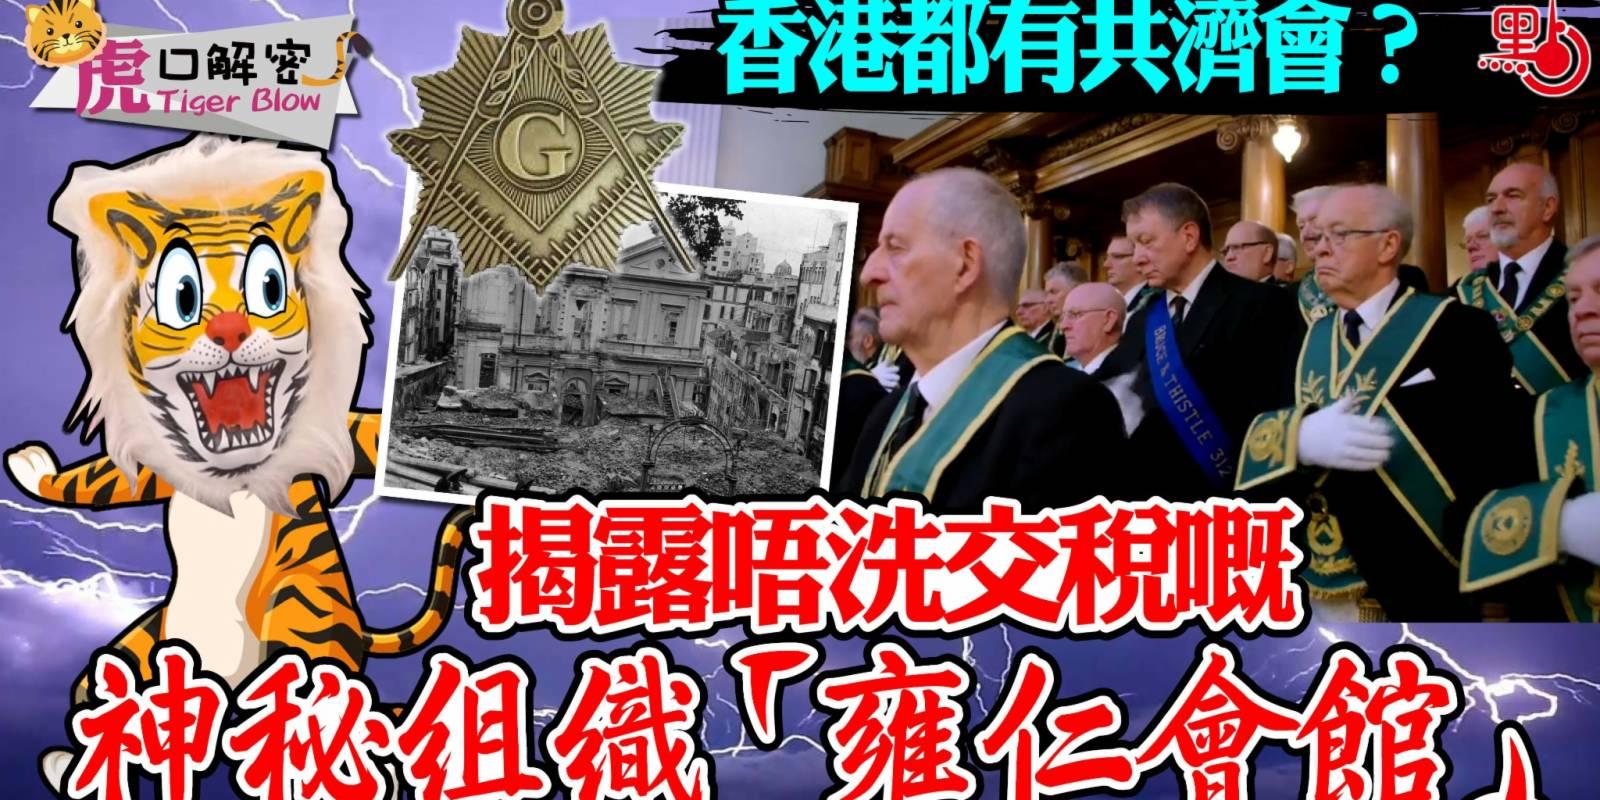 虎口解密|香港都有共濟會?揭露唔洗交稅嘅神秘組織「雍仁會館」